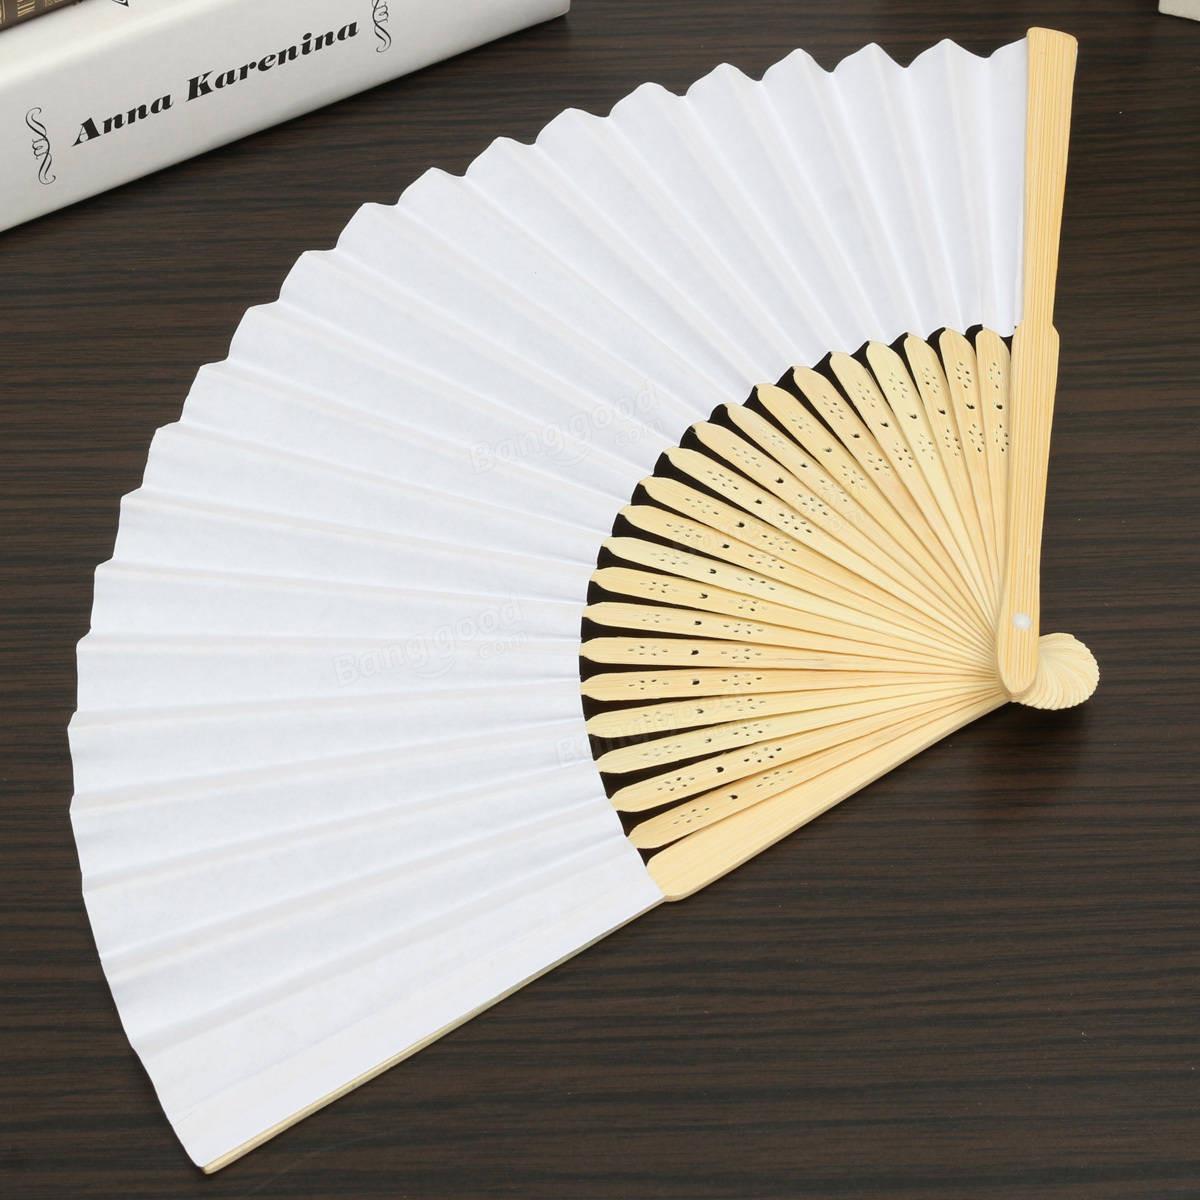 Diy Fan  Simple Blank DIY Paper Hand Folding Fan Wedding Party